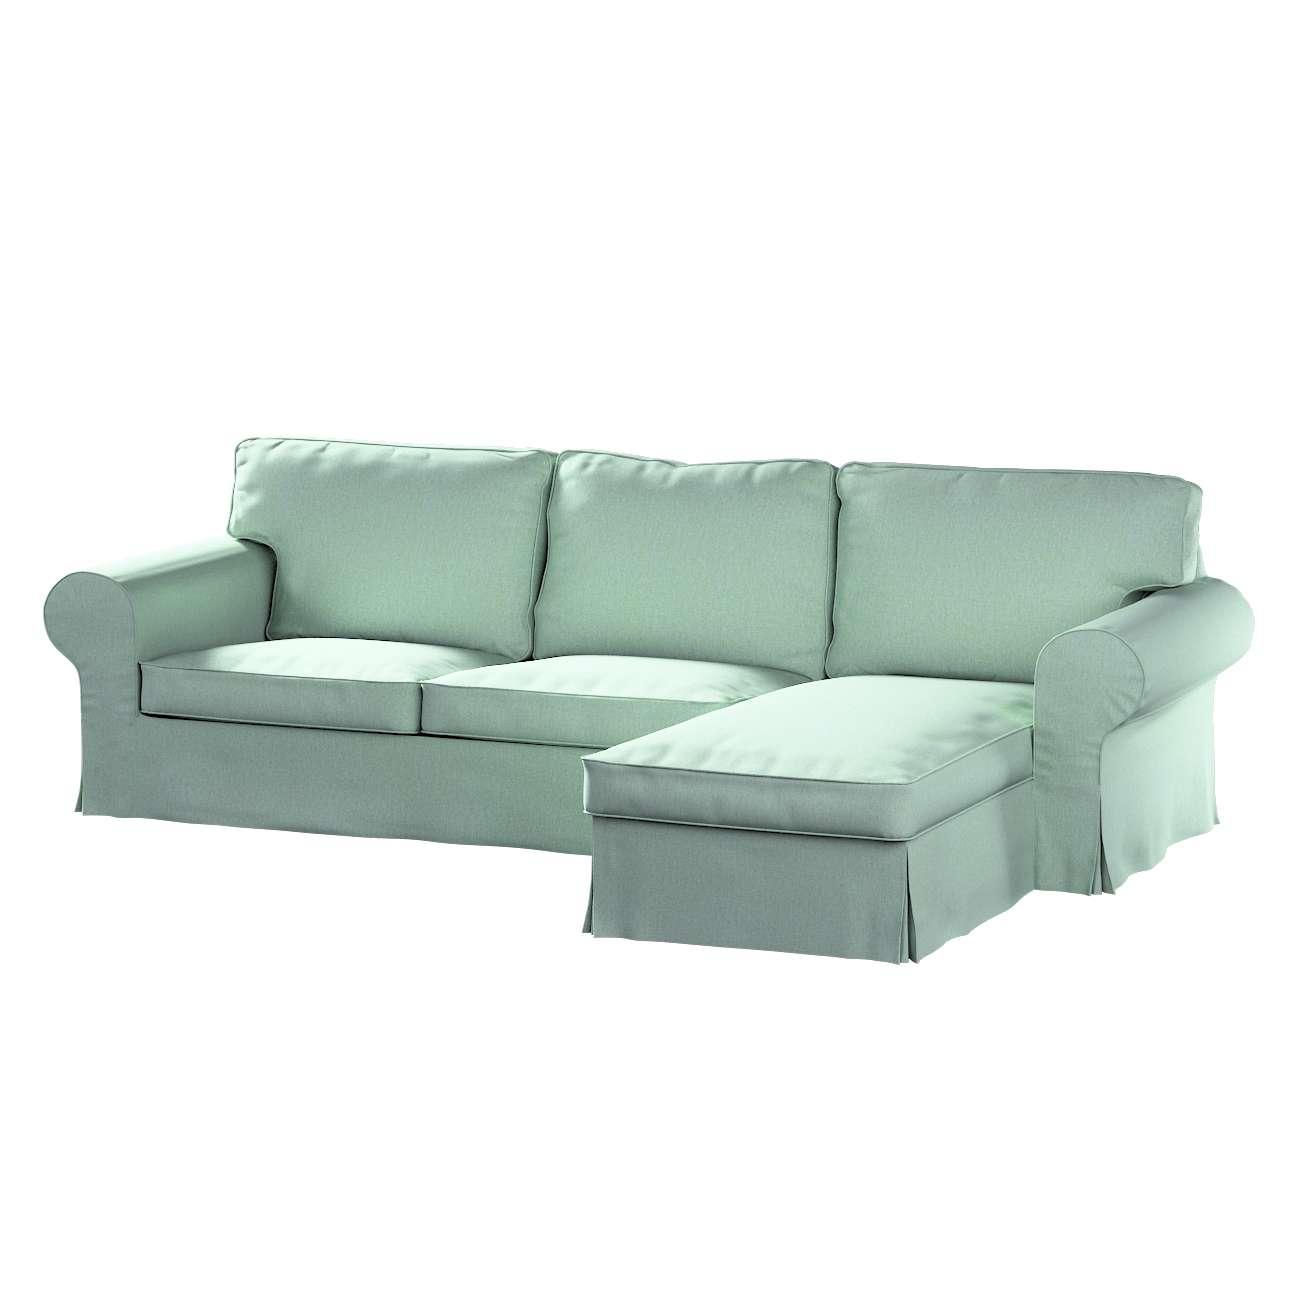 Pokrowiec na sofę Ektorp 2-osobową i leżankę w kolekcji Living, tkanina: 161-61